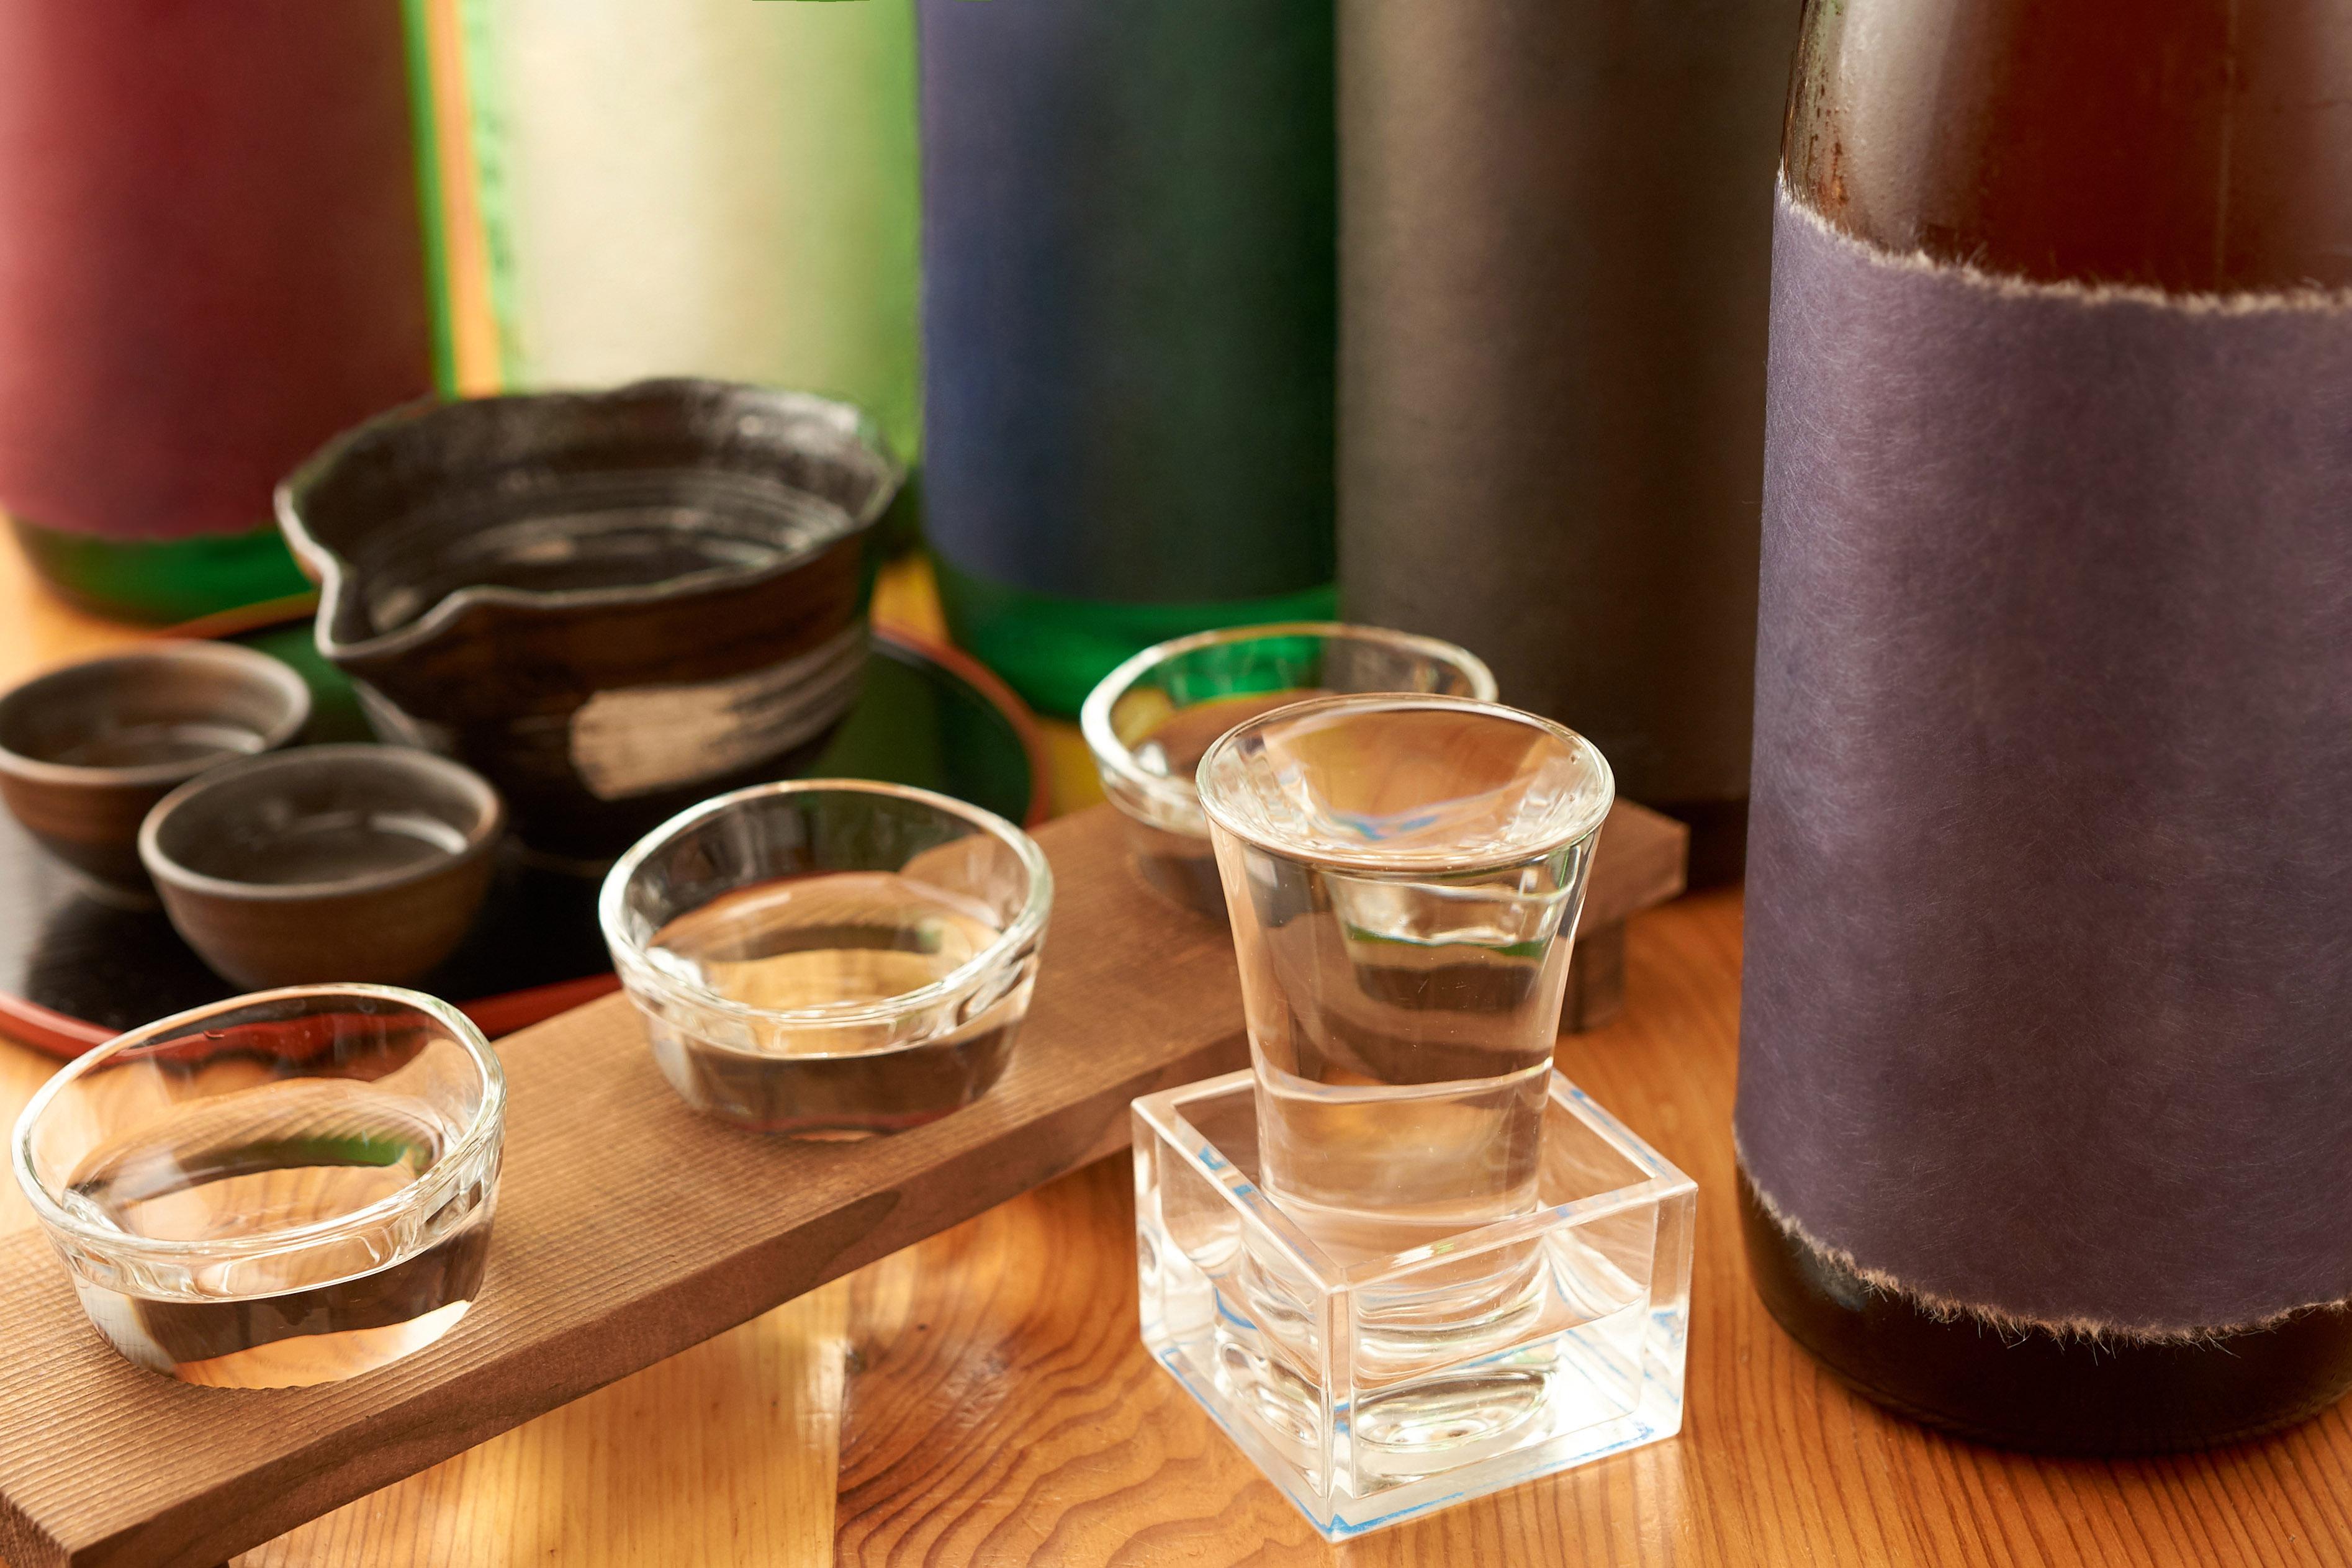 日本酒の飲み比べを楽しむポイントを知って、好みの銘柄を見つけよう